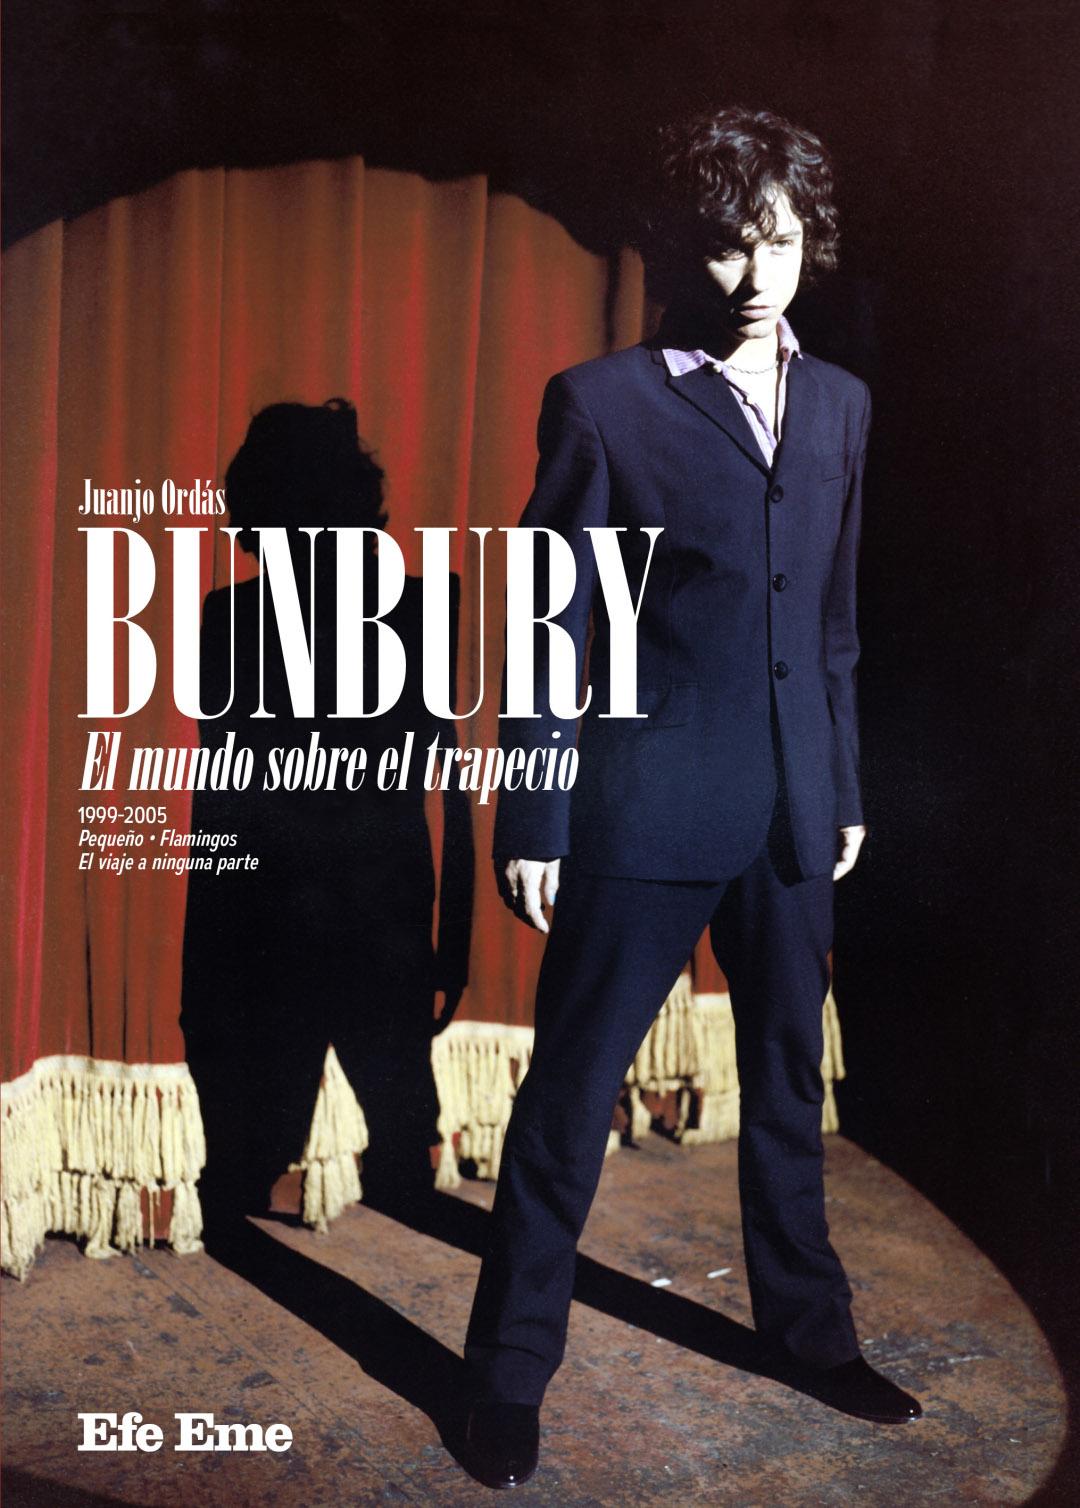 Bunbury. El mundo sobre el trapecio (Juanjo Ordás, 2019)